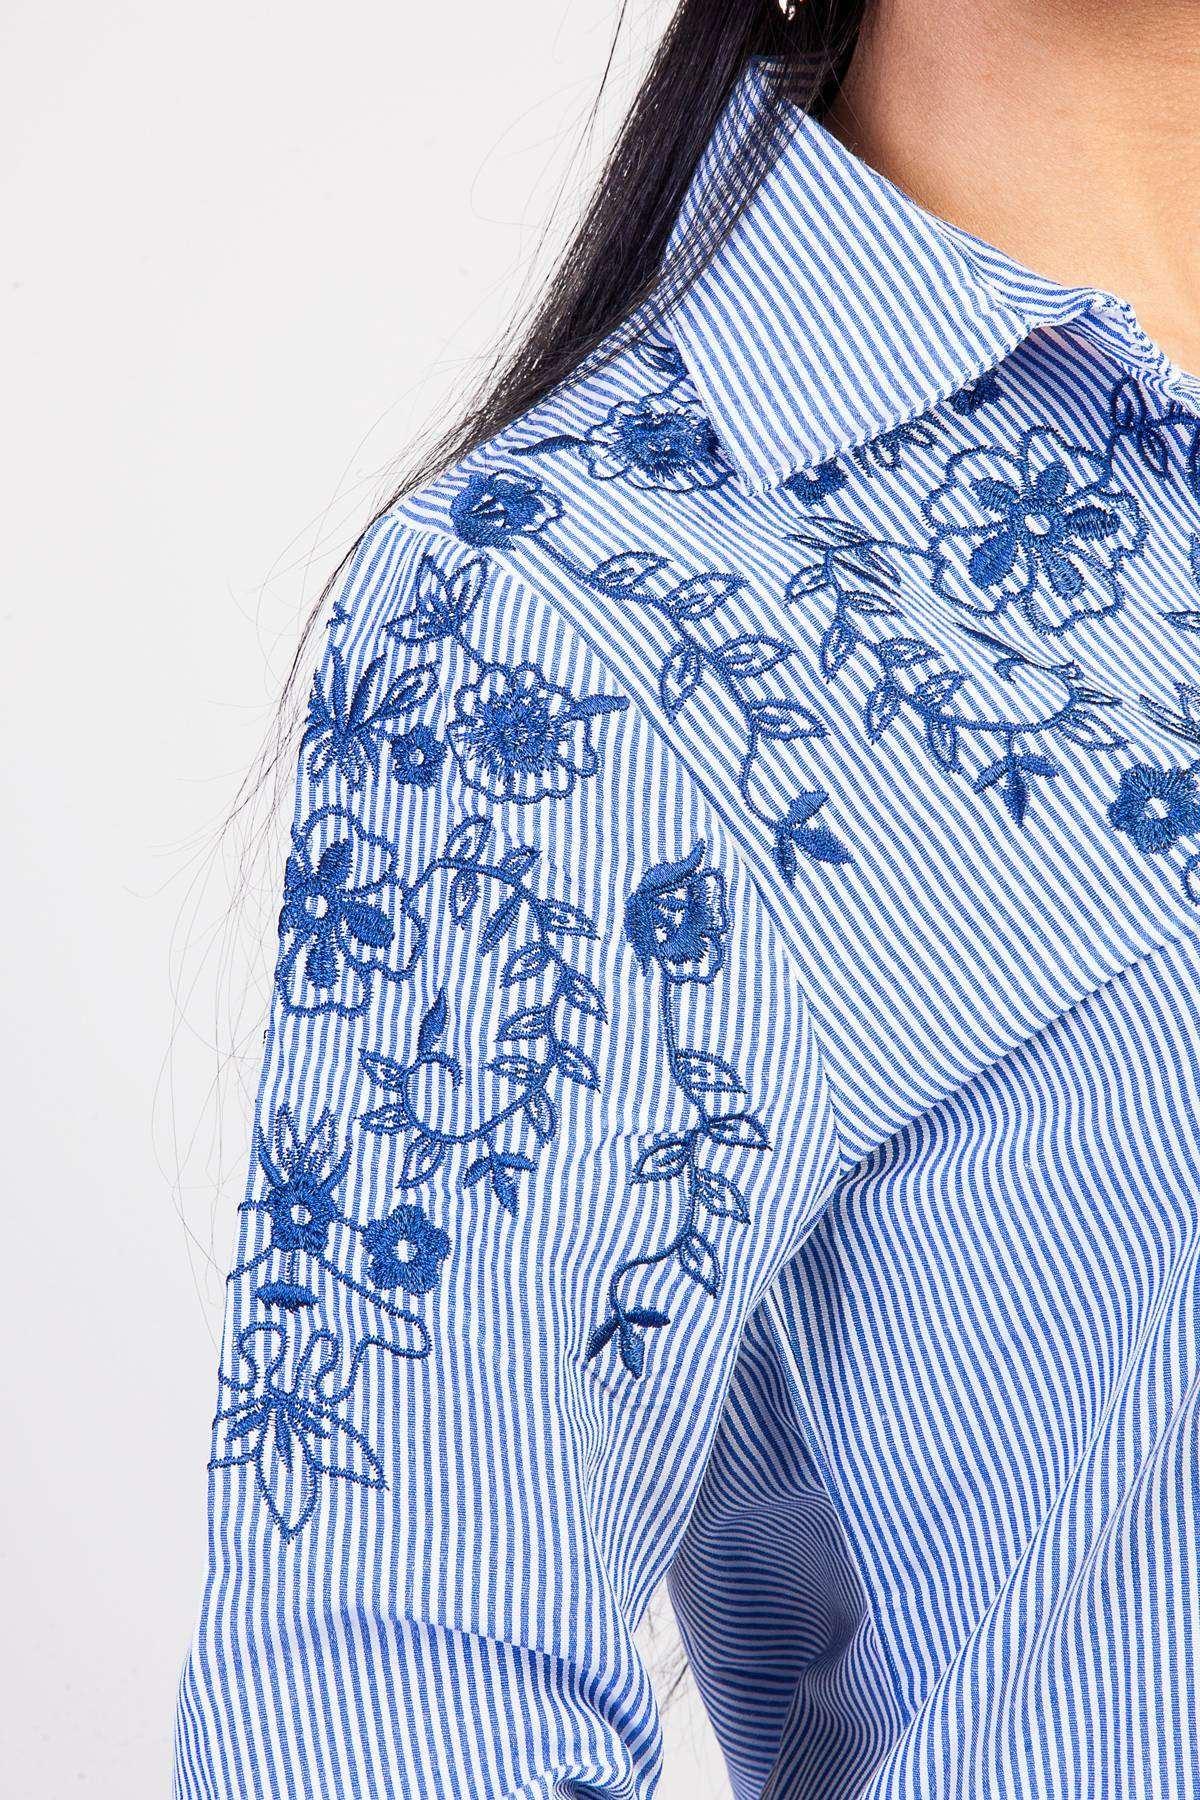 Göğüs Kol Çiçek Nakış İşleme Detaylı Çizgili Gömlek Mavi